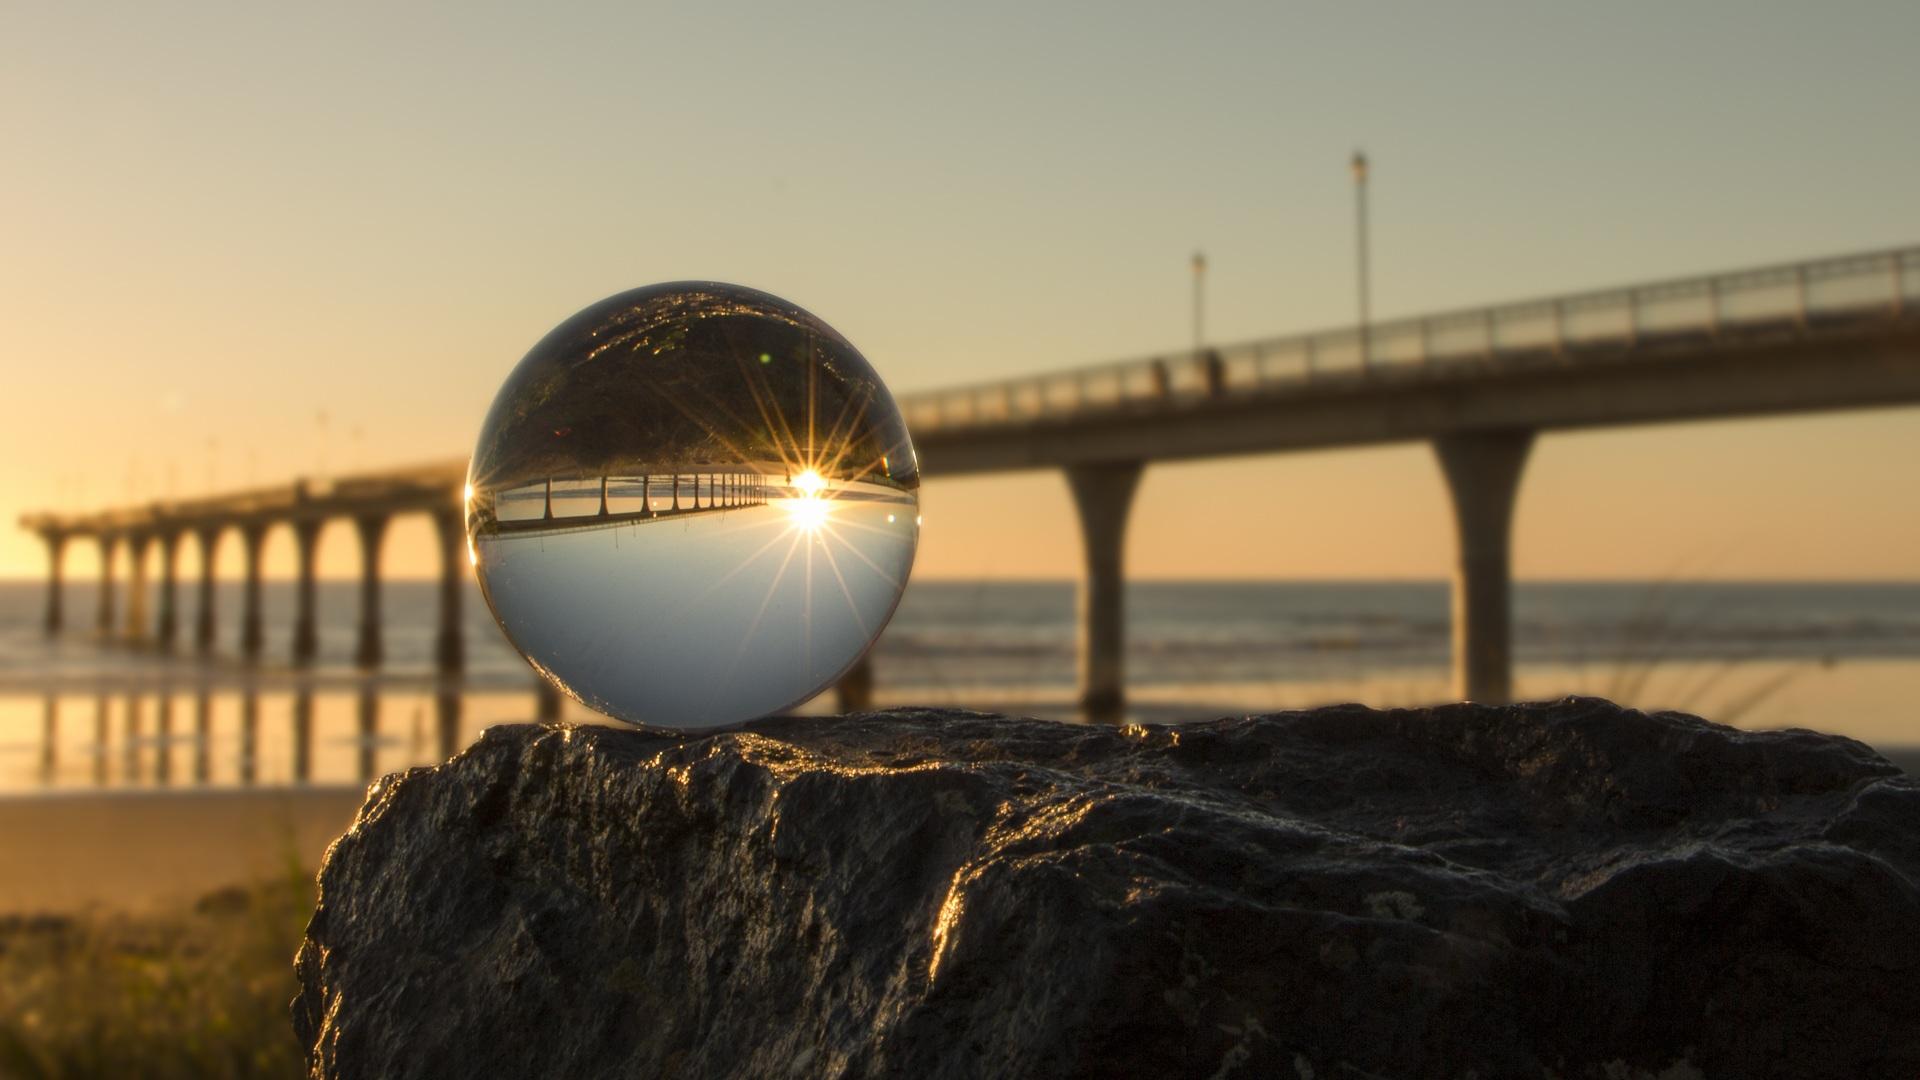 νέο Μπράιτον, κρυστάλλινη σφαίρα, γέφυρα, Θάλασσα, φωτεινότητα, Ουρανός, πέτρες - Wallpapers HD - Professor-falken.com